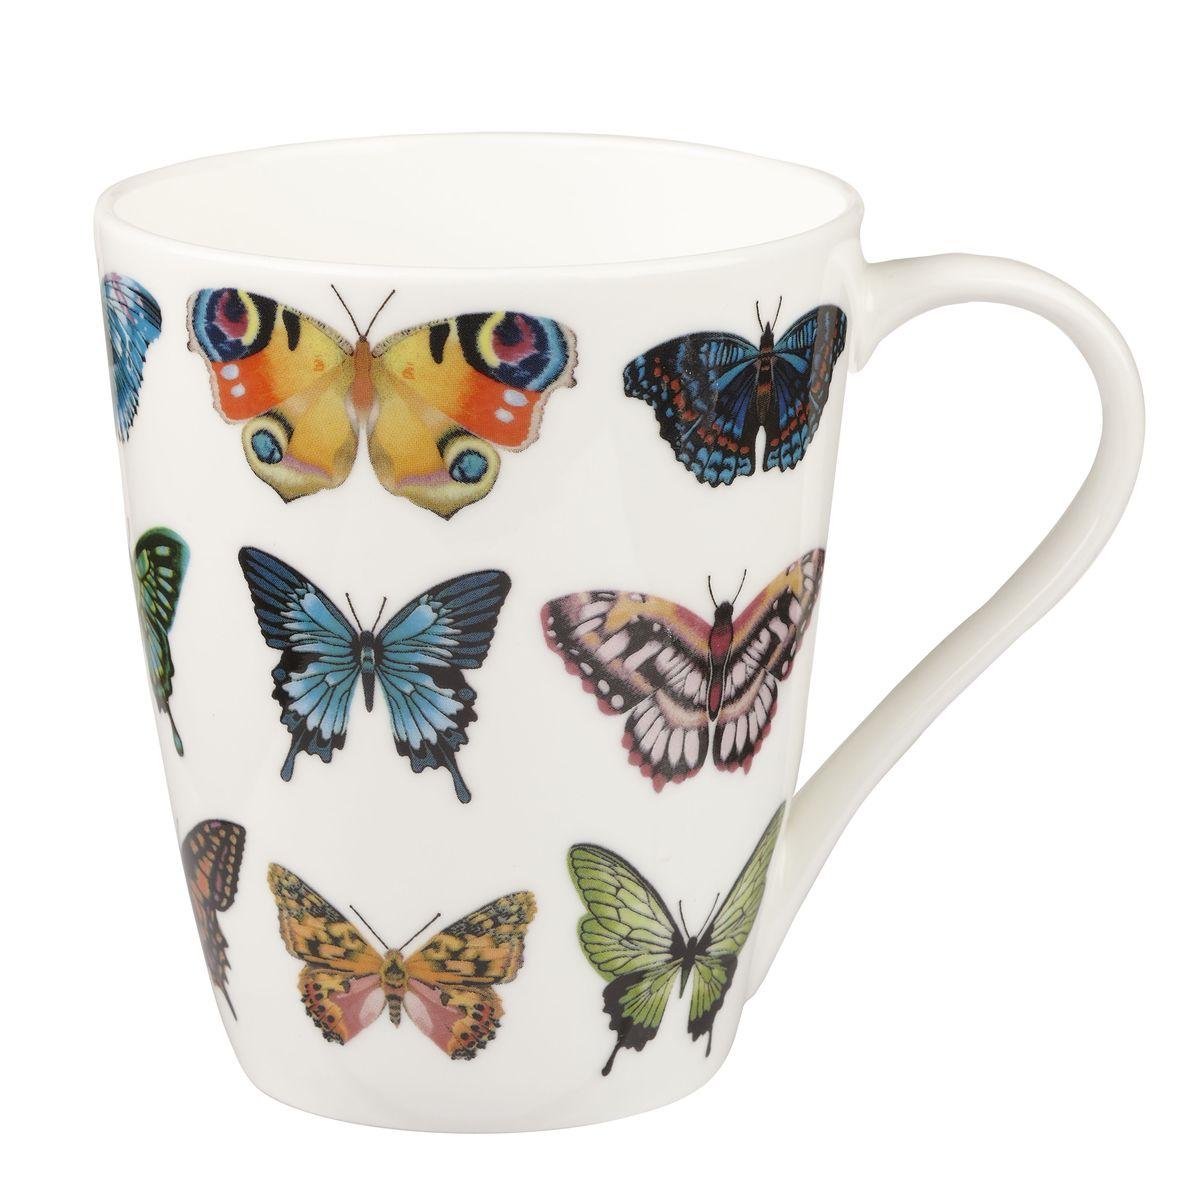 Кружка Churchill Бабочки, цвет: белый, оранжевый, синий, 425 млVT-1520(SR)Кружка Churchill Бабочки изготовлена из высококачественного костяного фарфора. Внешние стенки дополнены красочным изображением бабочек. Такая кружка отлично подойдет для горячих и холодных напитков. С ней ваши любимые напитки будут еще вкусней. Коллекция Арлекин красиво упакована в подарочные коробки. Можно мыть в посудомоечной машине. Можно использовать в микроволновой печи.